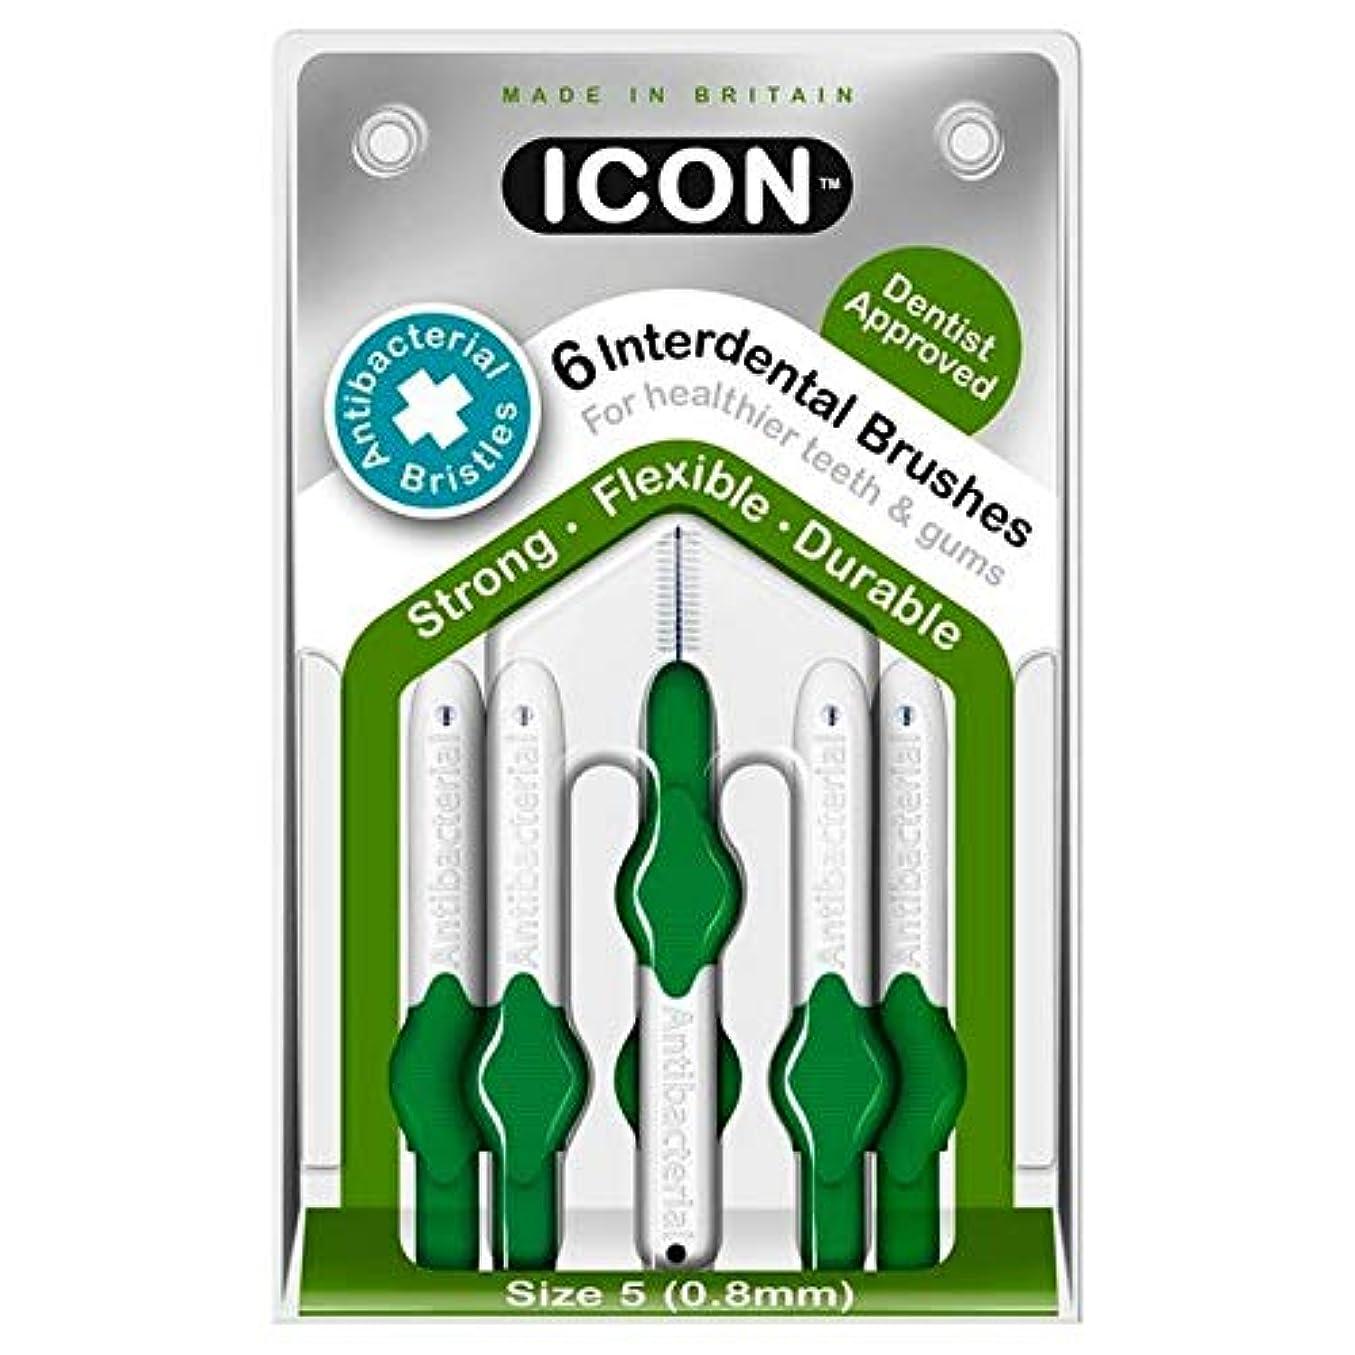 機知に富んだ不毛の配管工[Icon ] アイコンの歯間には、パックあたり0.8ミリメートル6ブラシ - Icon Interdental Brushes 0.8mm 6 per pack [並行輸入品]